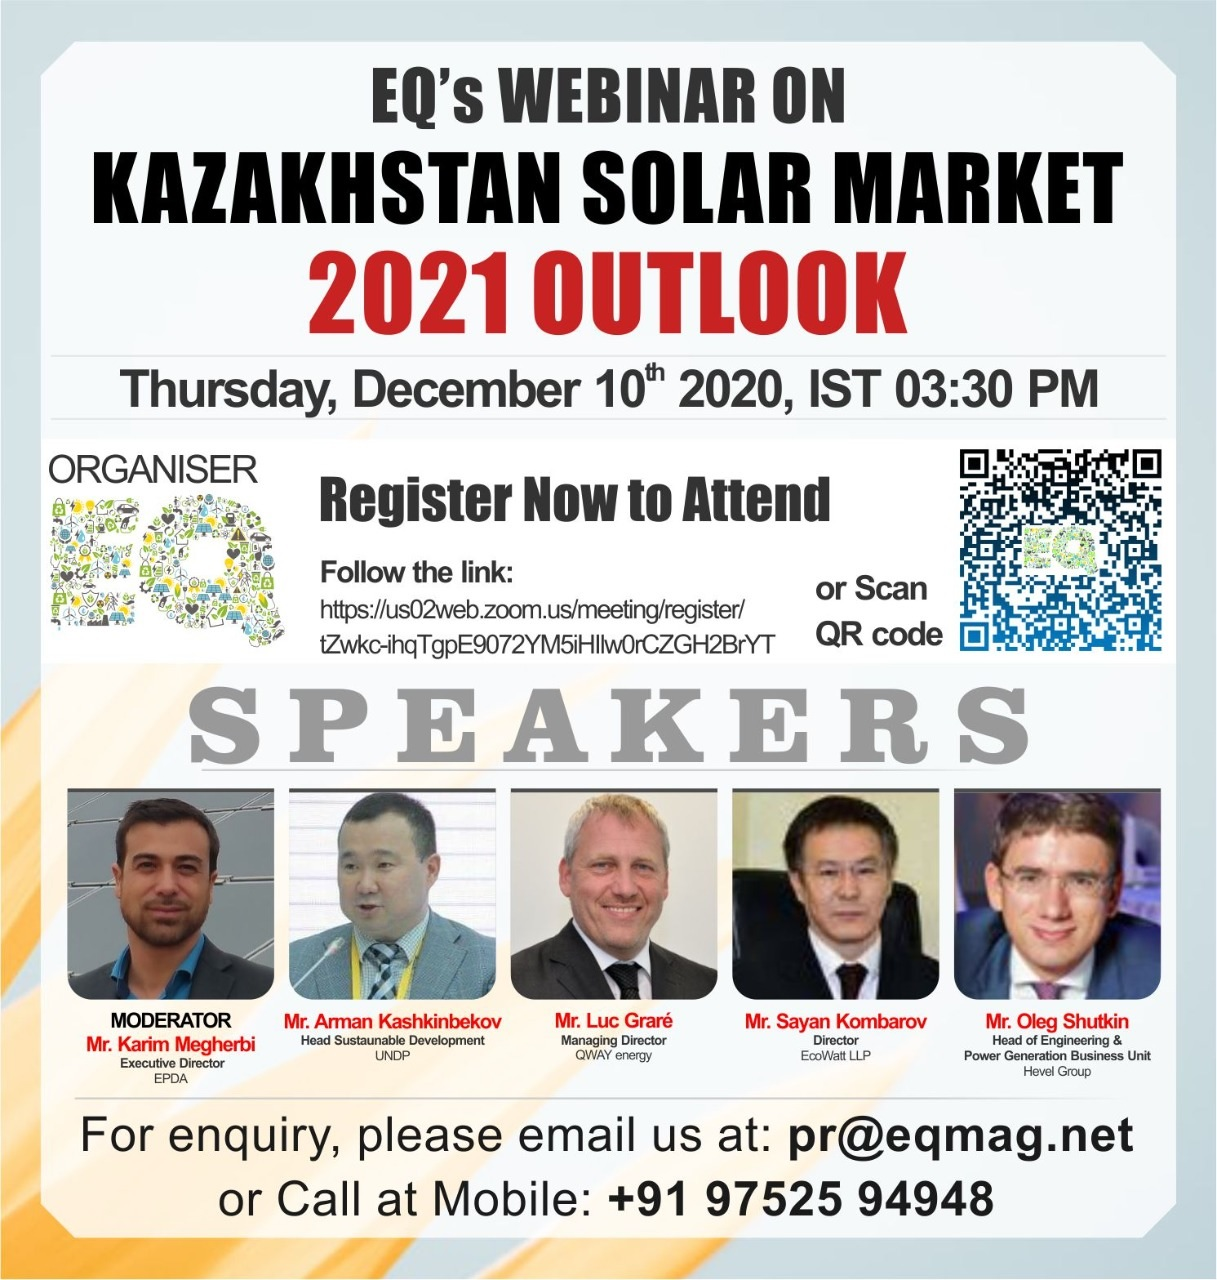 EQ Webinar on Kazakhstan Solar Market 2021 Outlook on Thursday December 10th from 03:30 PM Onwards….Register Now !!!